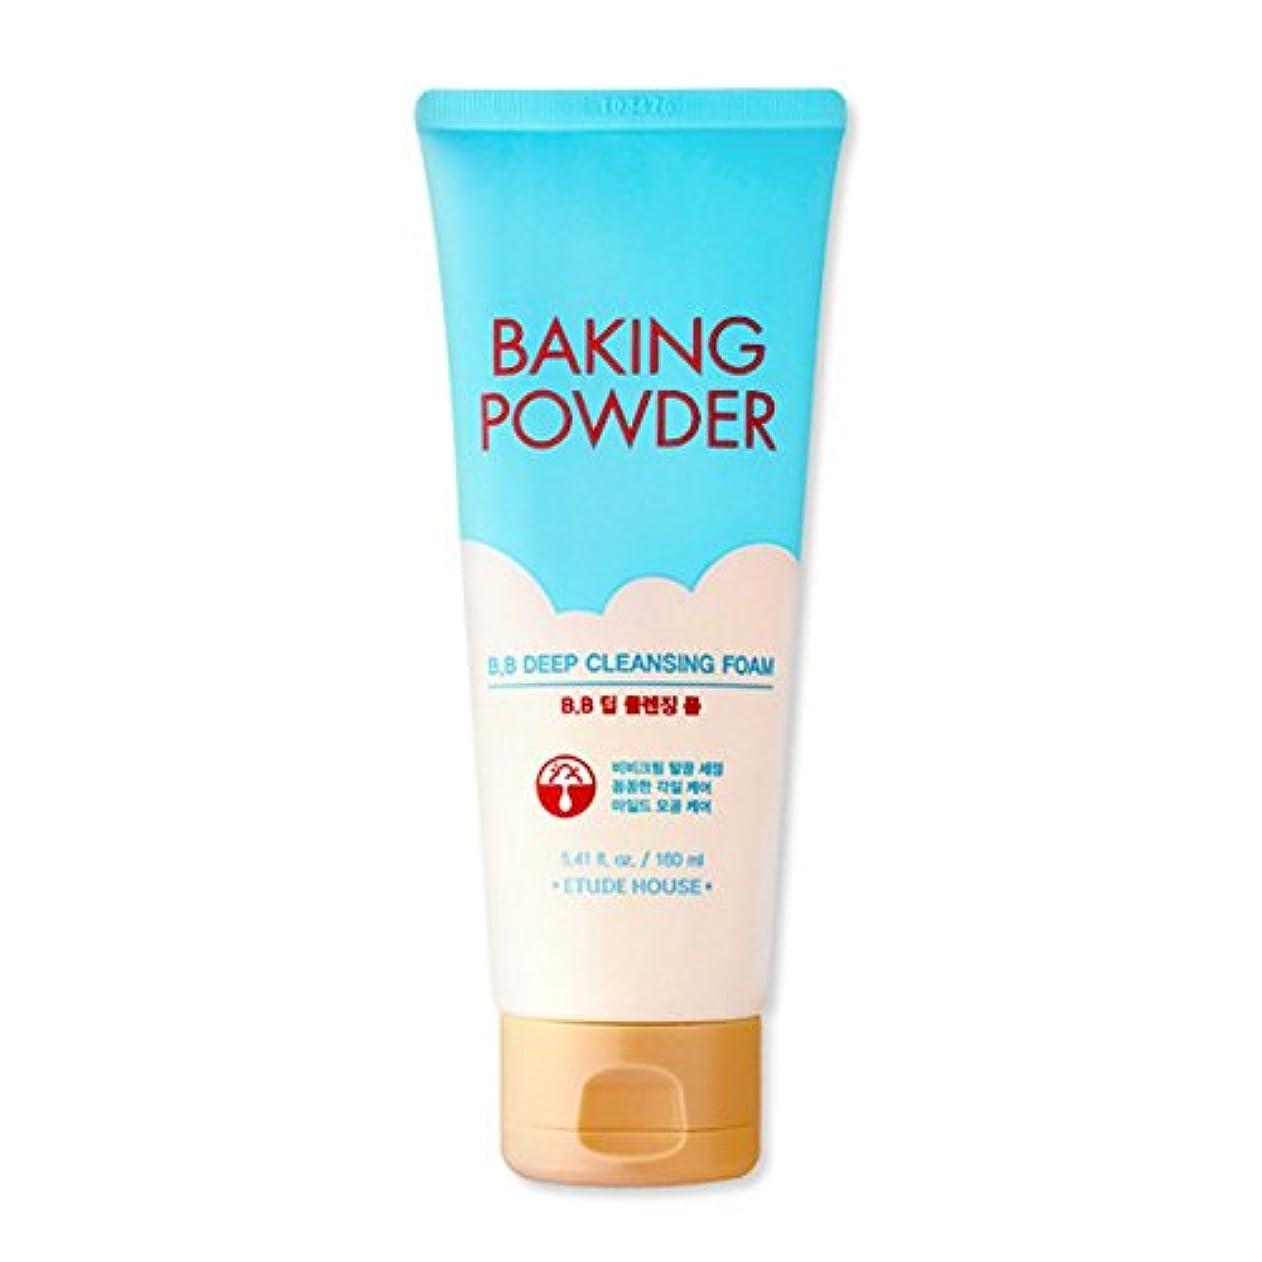 安いです辞書上記の頭と肩[2016 Upgrade!] ETUDE HOUSE Baking Powder B.B Deep Cleansing Foam 160ml/エチュードハウス ベーキング パウダー B.B ディープ クレンジング フォーム...